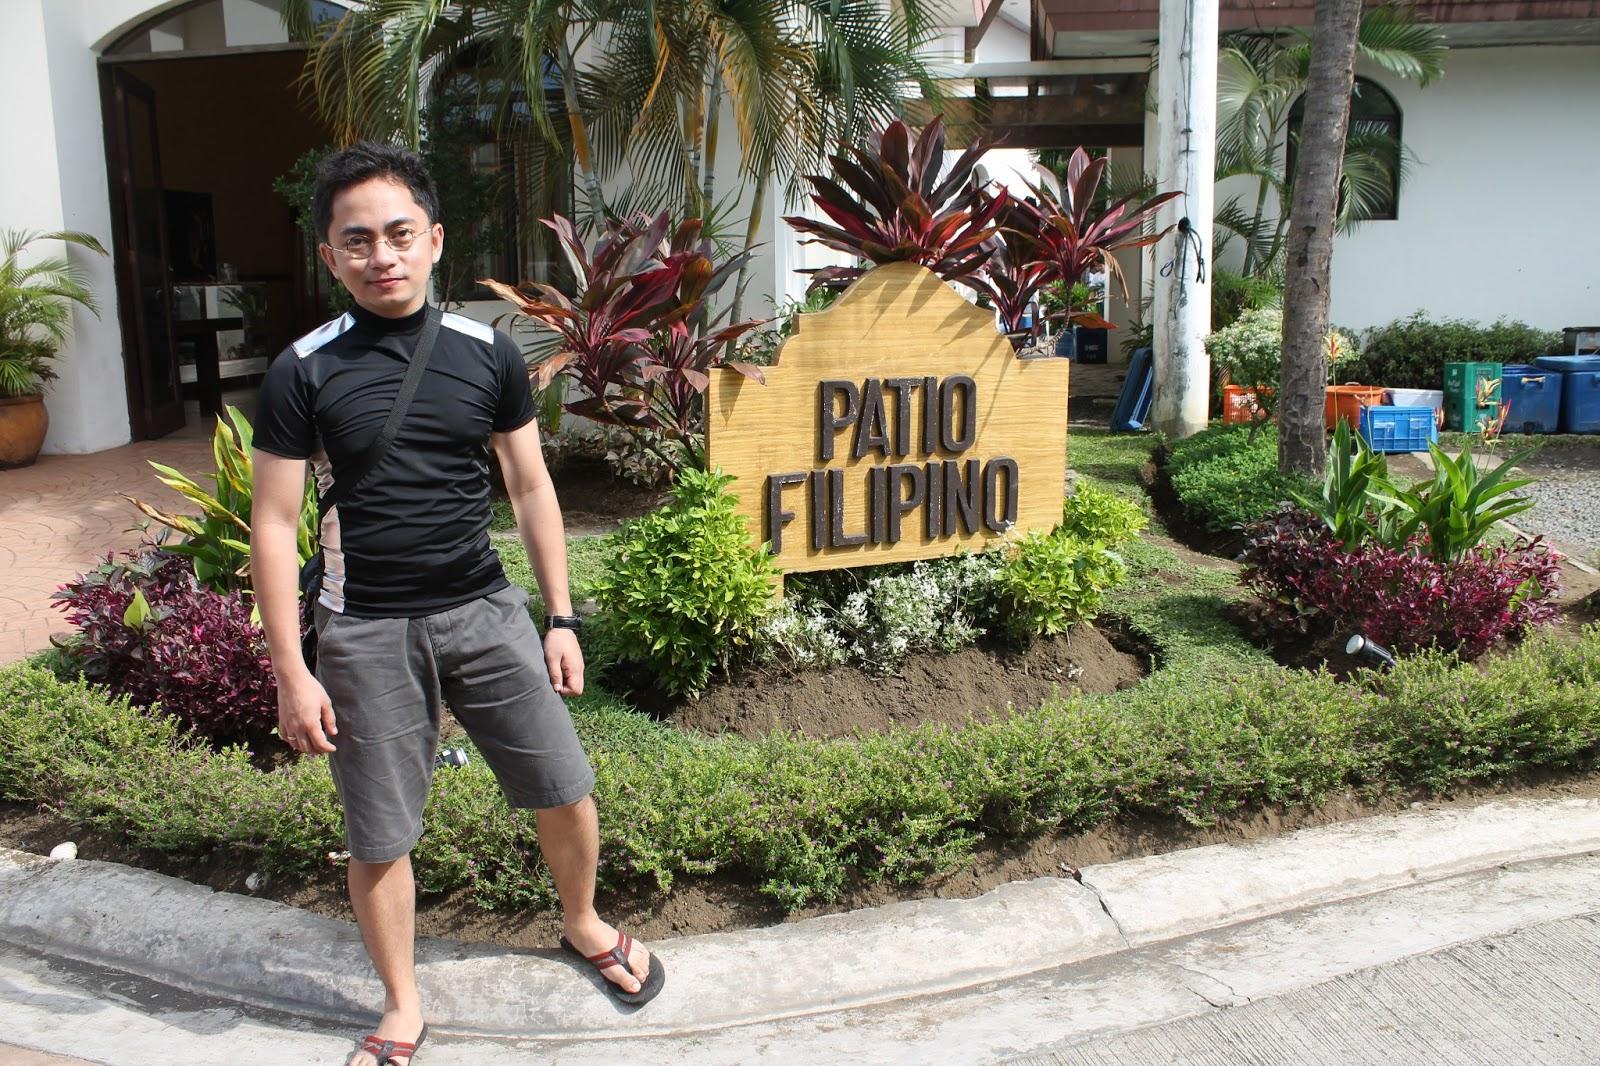 Amansinaya: Patio Filipino